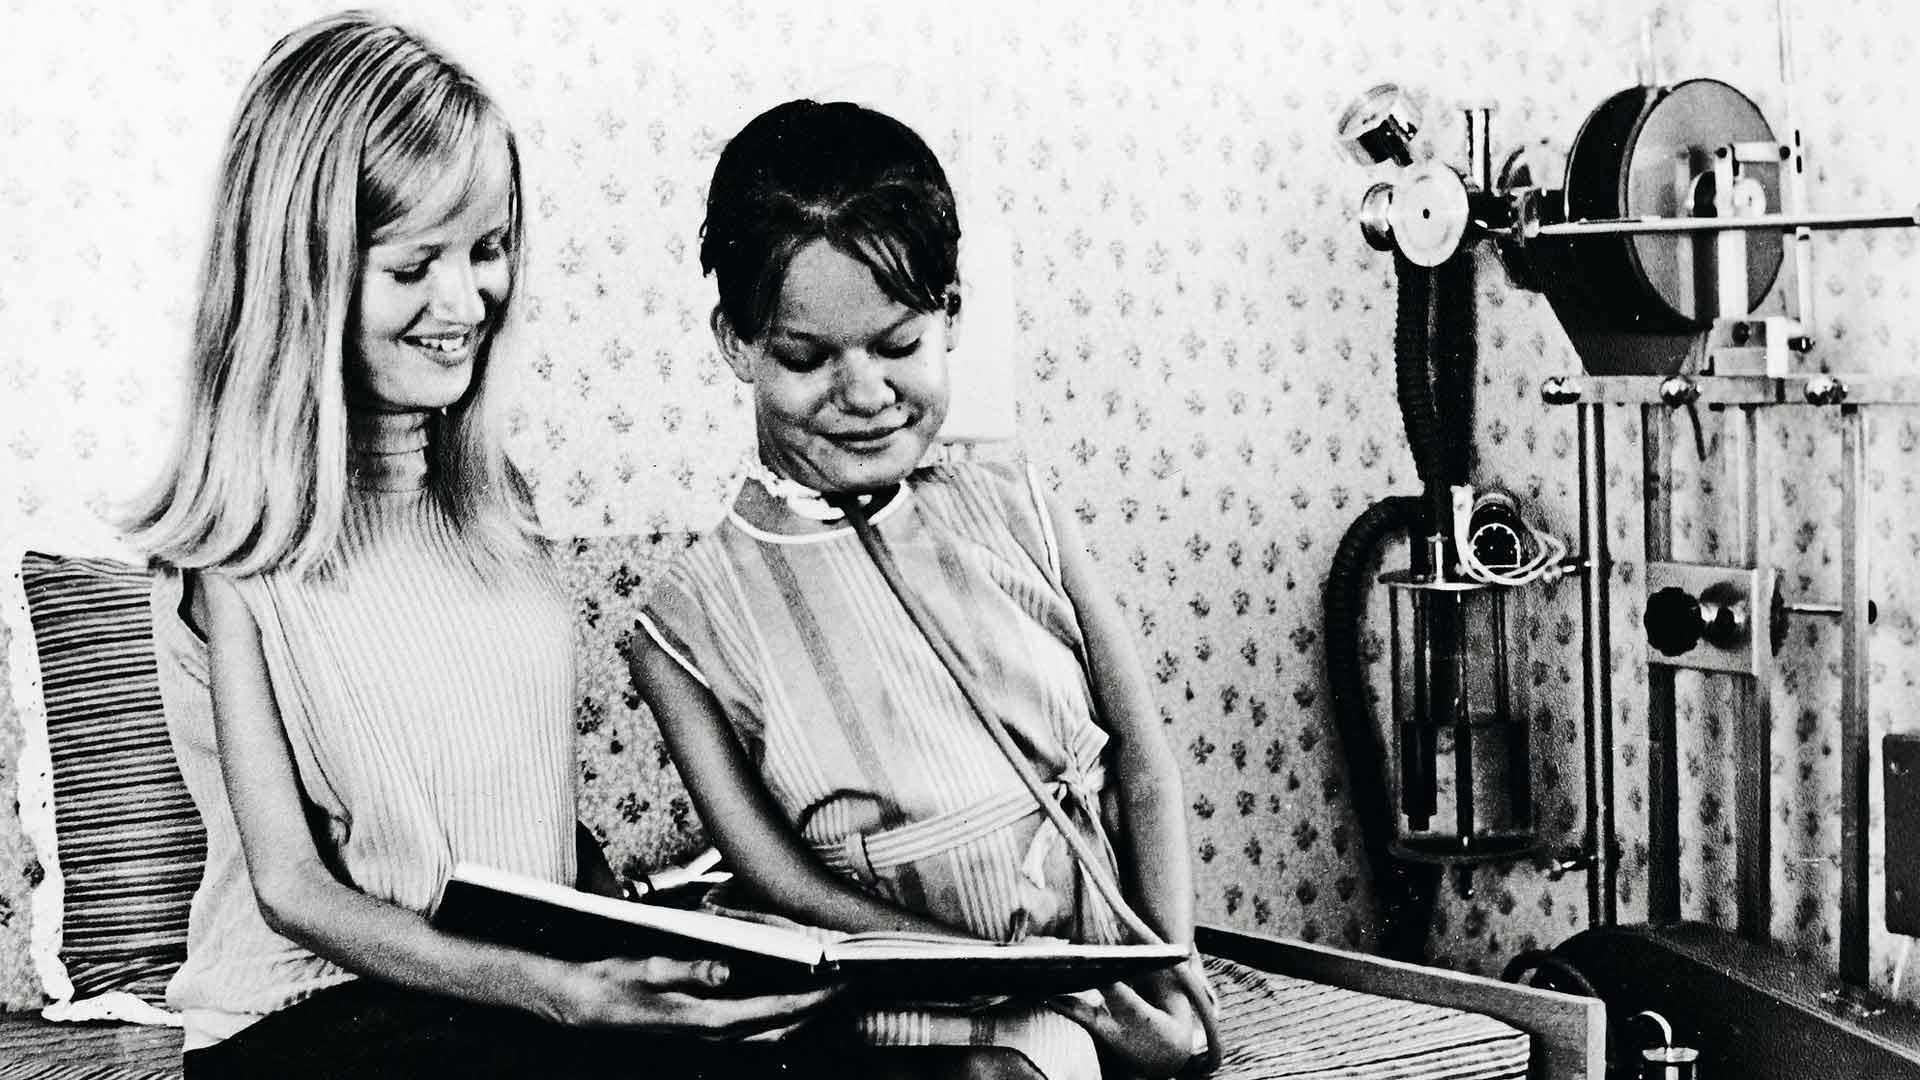 Ritan paras ystävä Elisa oli vertainen, tuki ja turva. Elisa kuoli, kun Rita oli 17-vuotias.